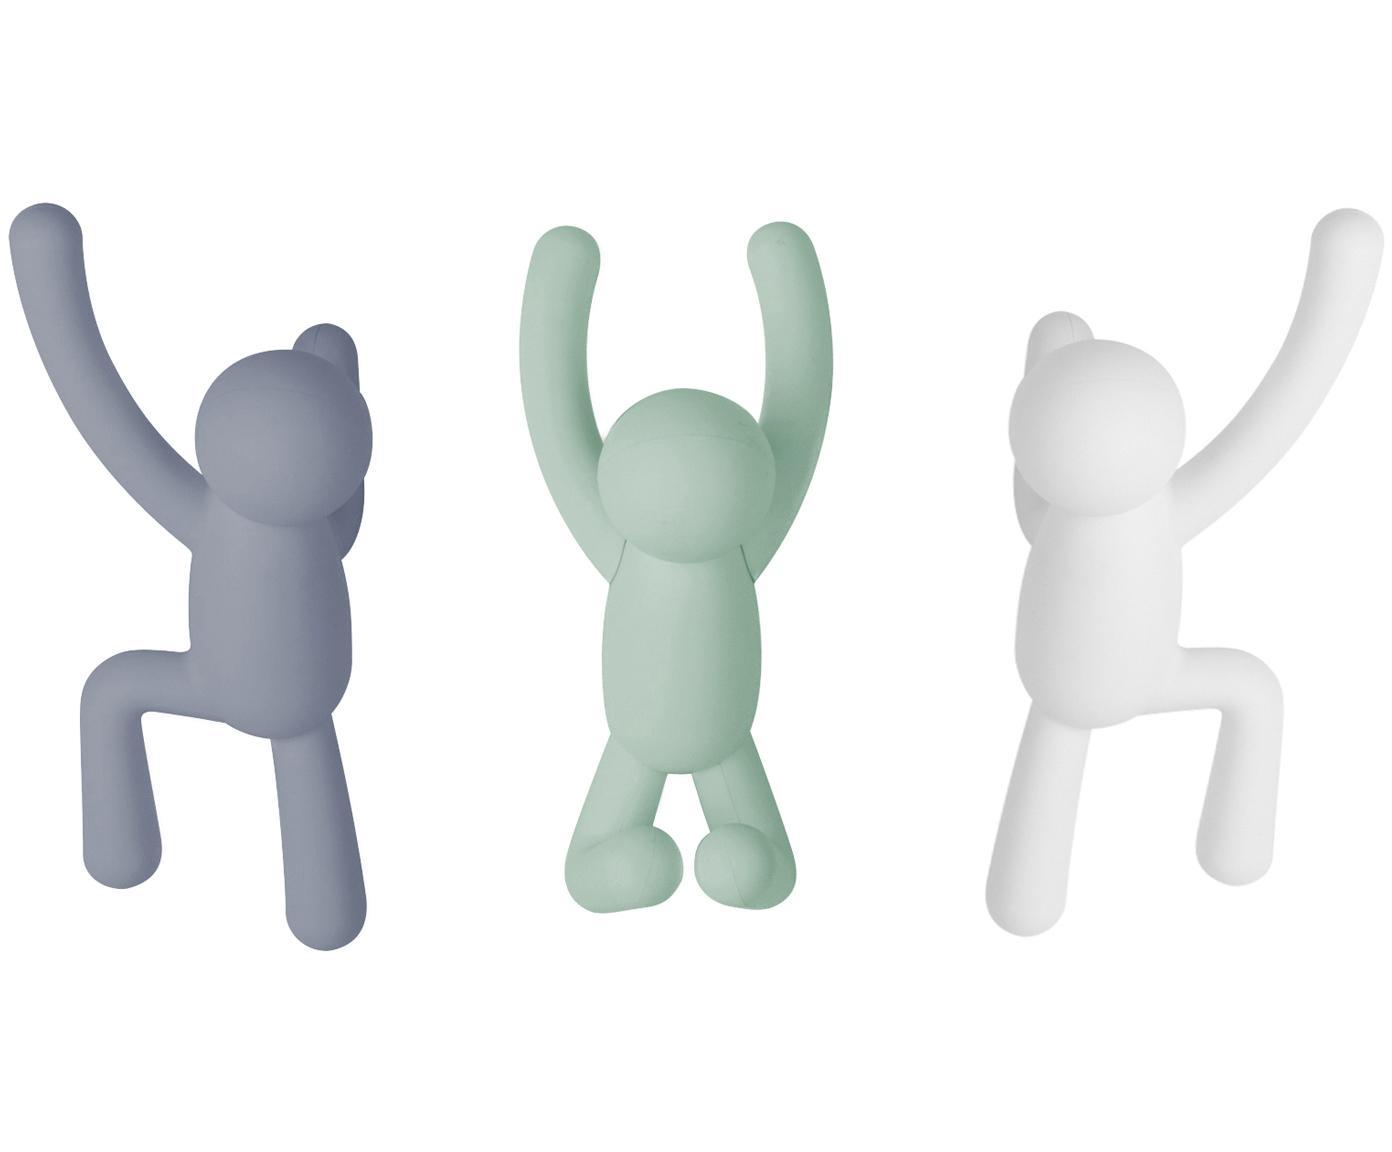 Design Wandhaken-Set Buddy, 3-tlg., ABS-Kunststoff, Blau, Mint, Weiss, Verschiedene Grössen